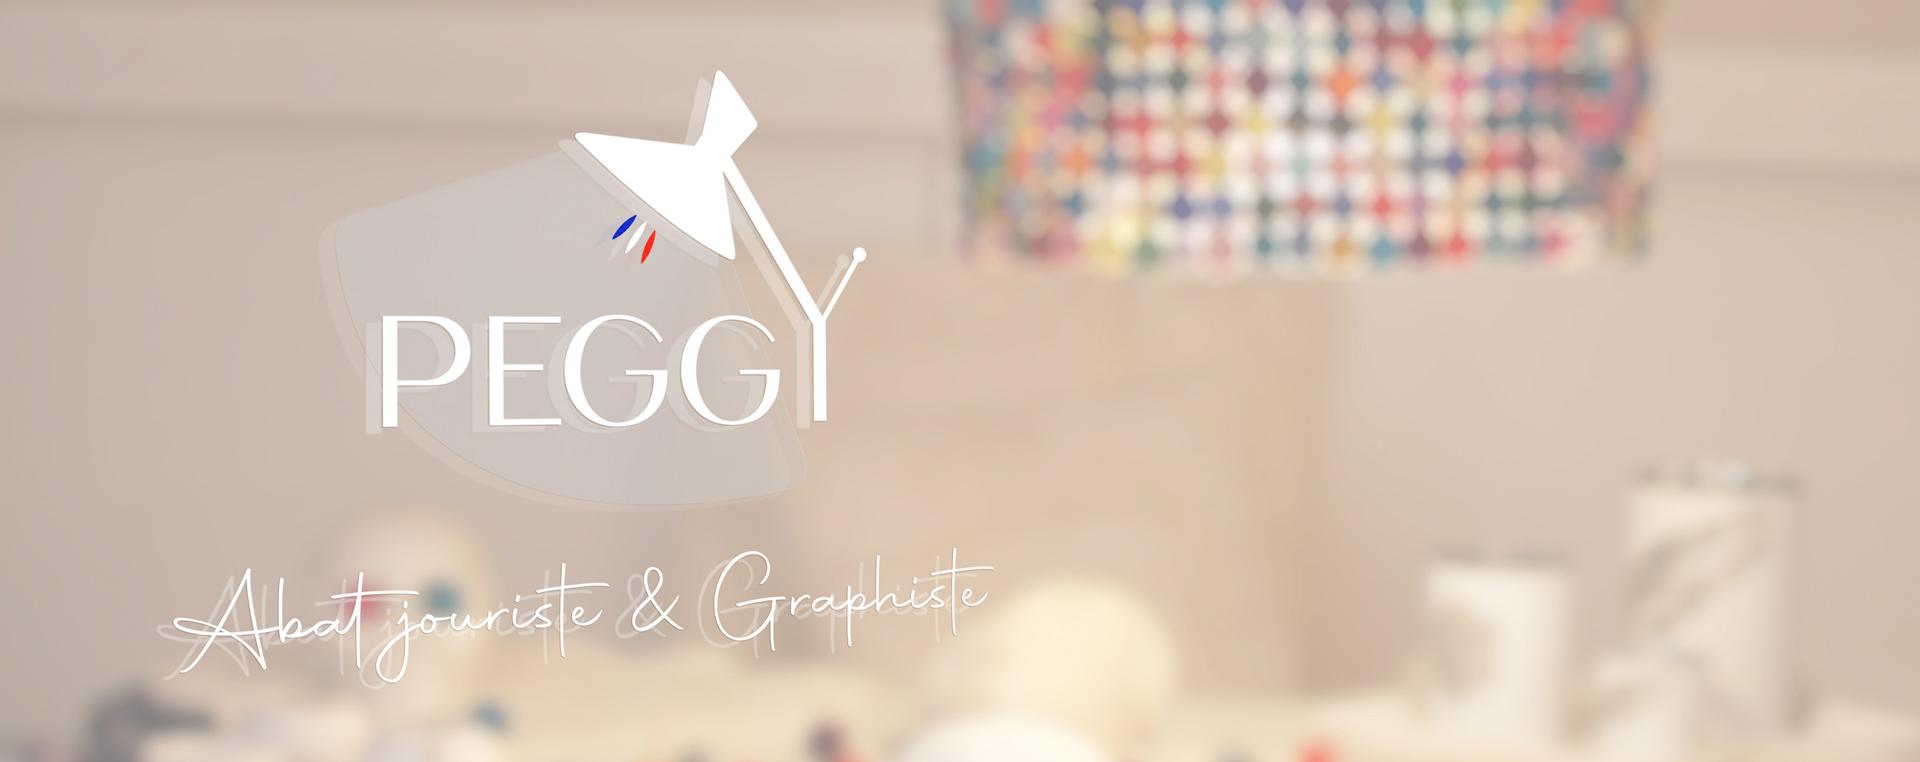 PEGGY abat jouriste et graphiste à CHAMONIX MONT BLANC, made in France